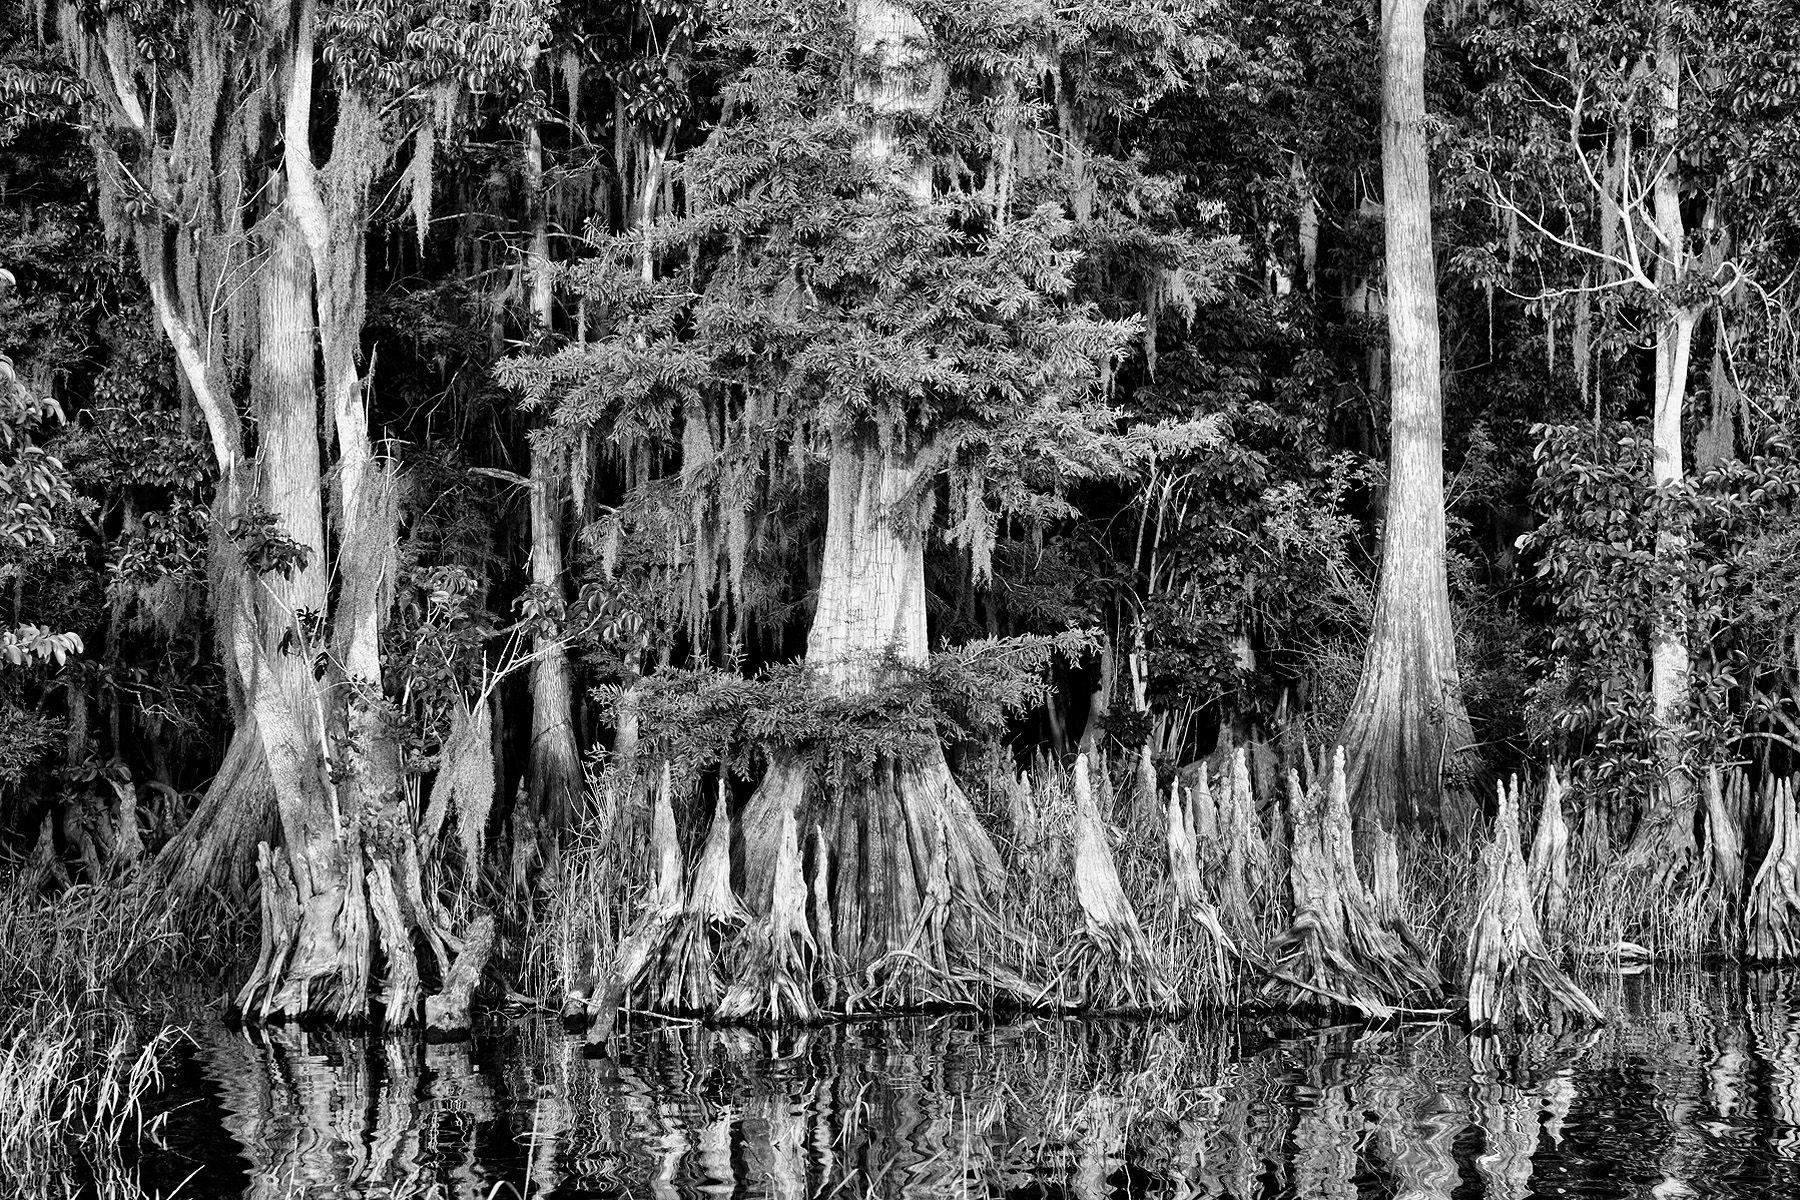 Cypress tree roots in B&W II_A9C1463-Lake Blue Cypress, FL.jpg